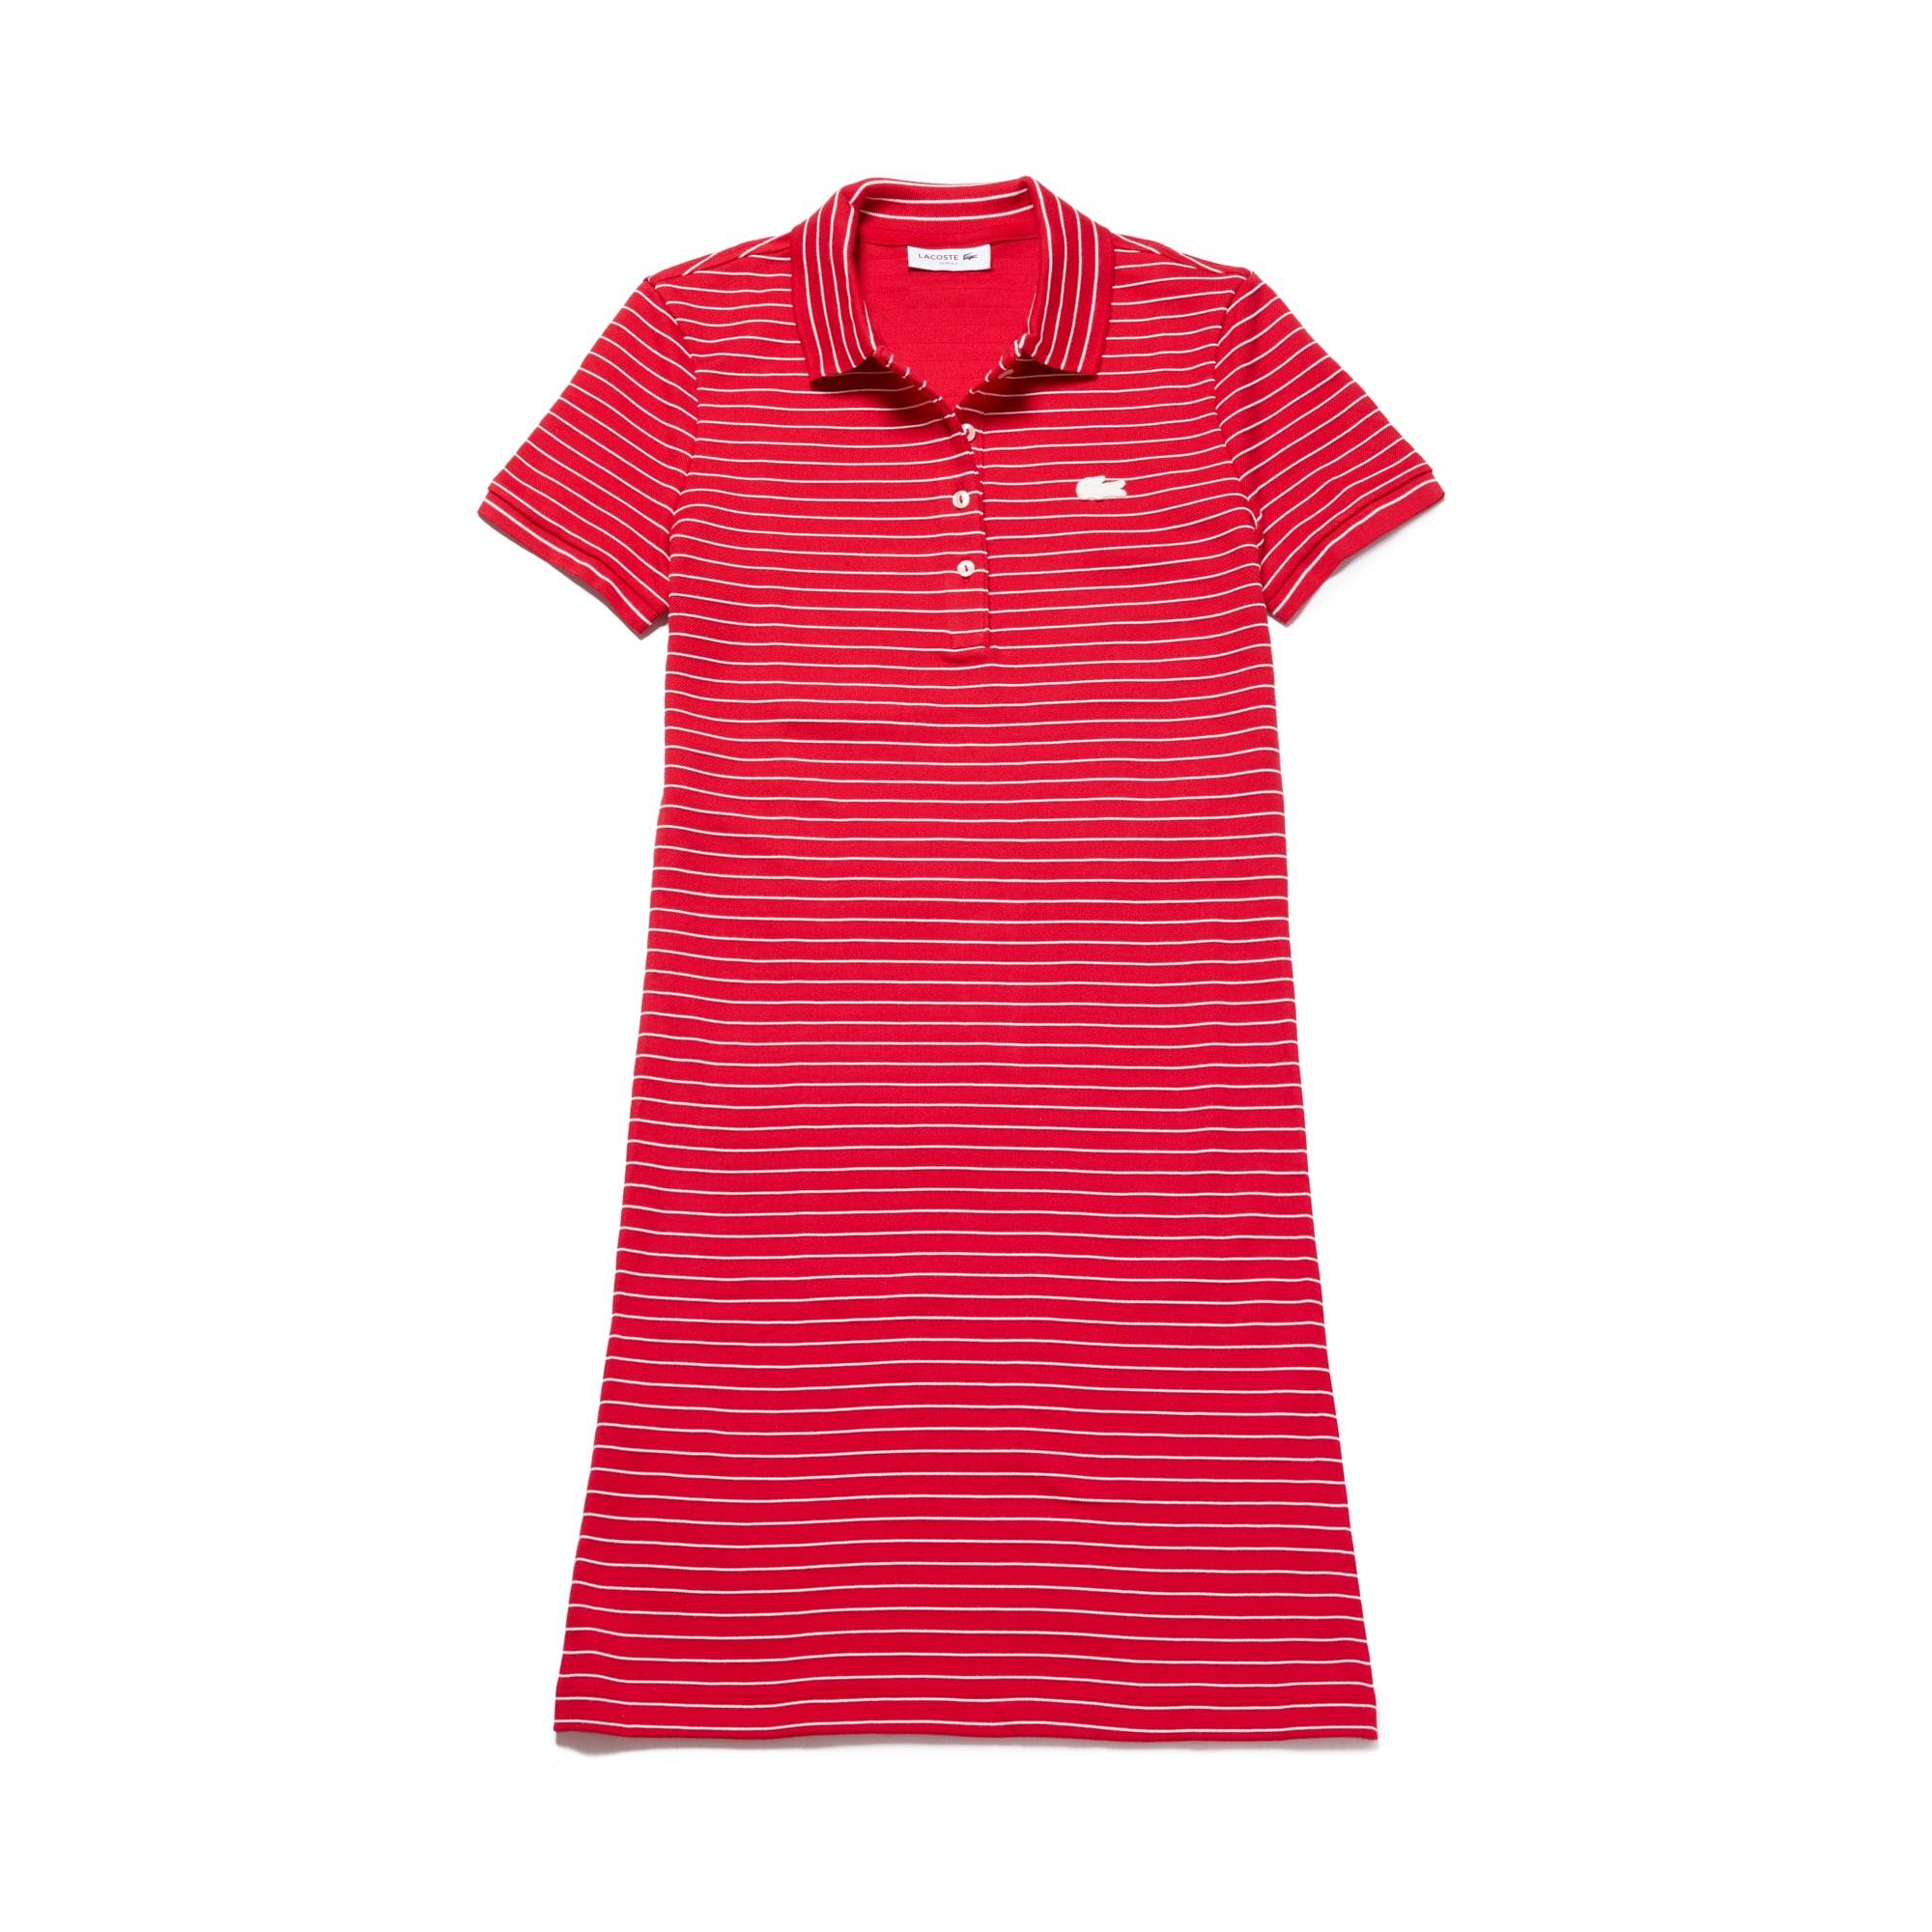 라코스테 Lacoste Womens Slim Fit Striped Stretch Mini Cotton Pique Polo Dress,red / white